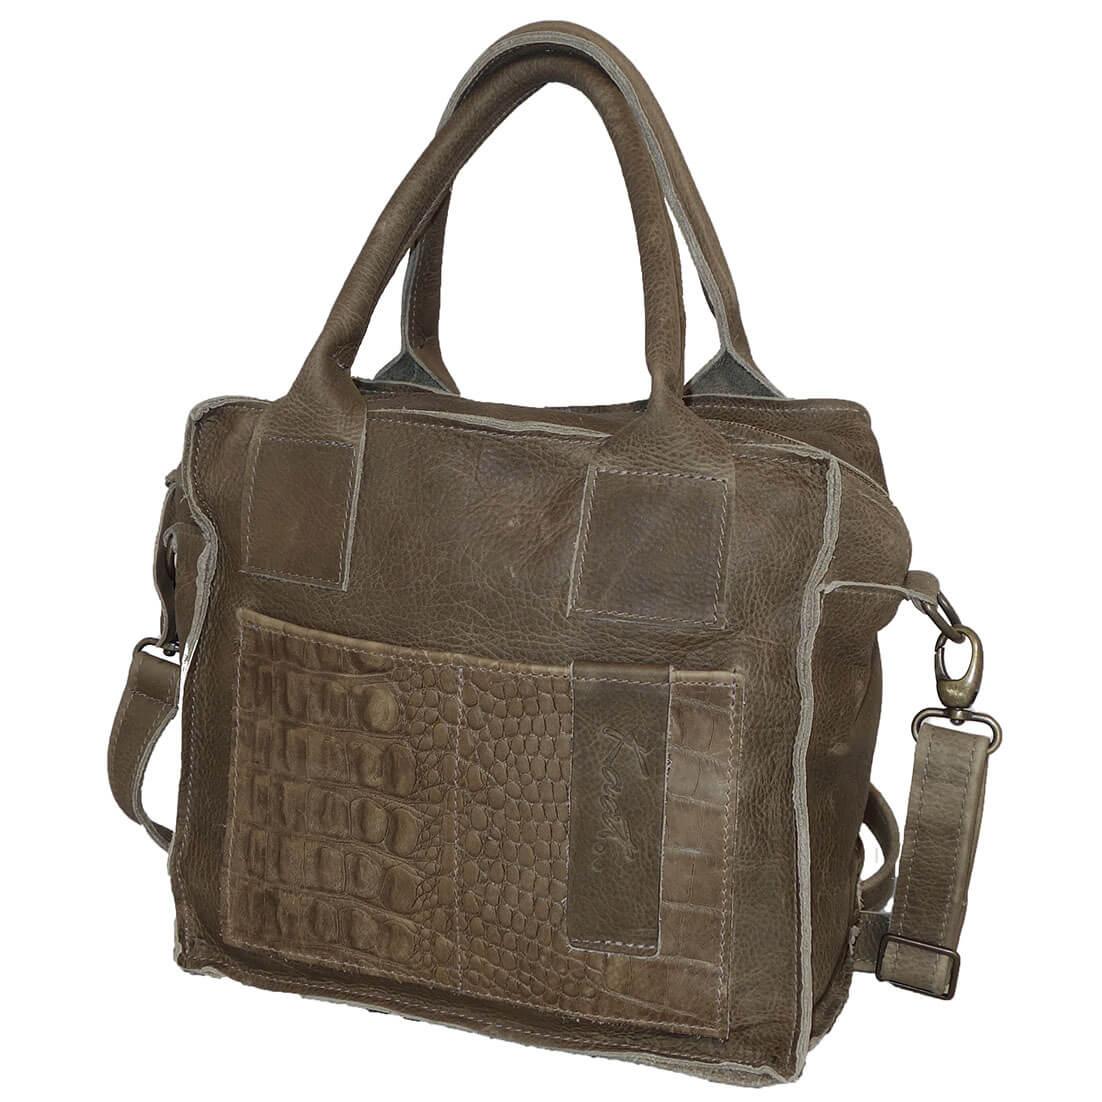 8d318cc2753 Prachtige echt leren schoudertas / handtas uit de Sevilla serie van Kaat.  Het leer van de tas voelt super aan en heeft een stoere uitstraling.